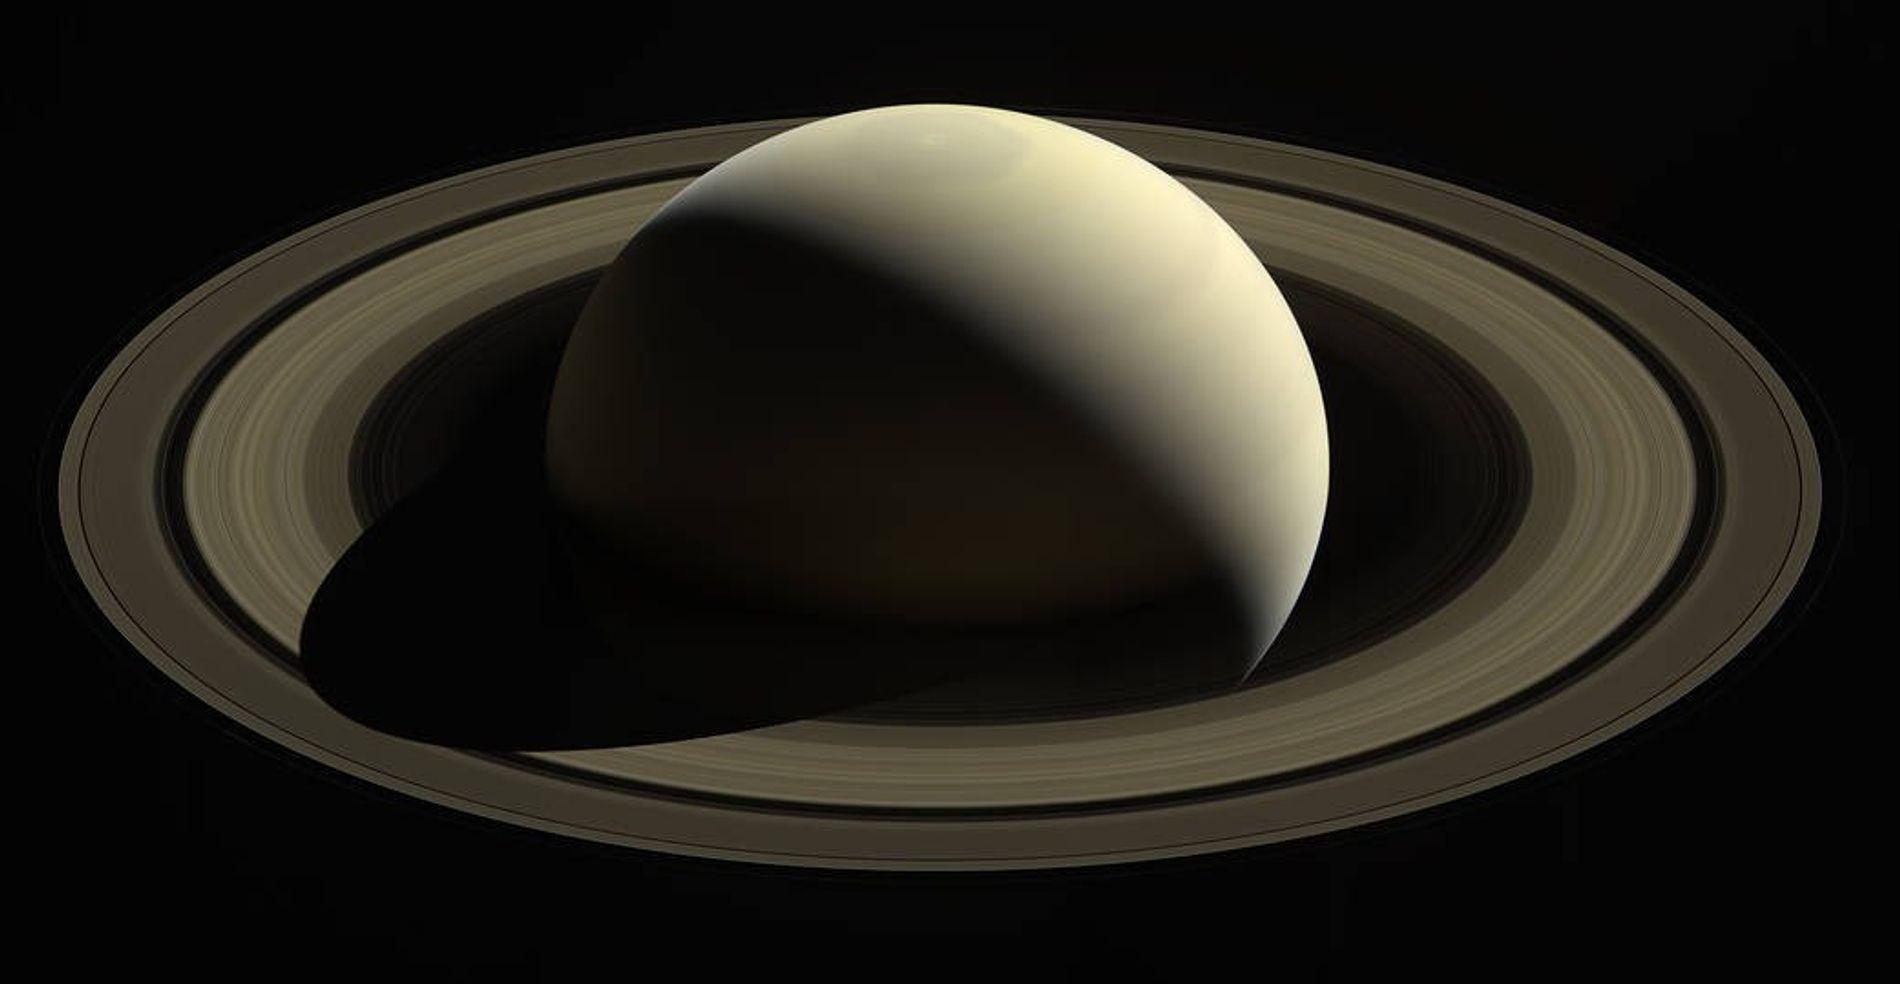 Im Oktober 2016 erhaschte die NASA-Raumsonde Cassini ihre letzten Blicke auf den Saturn und seine Ringe. ...